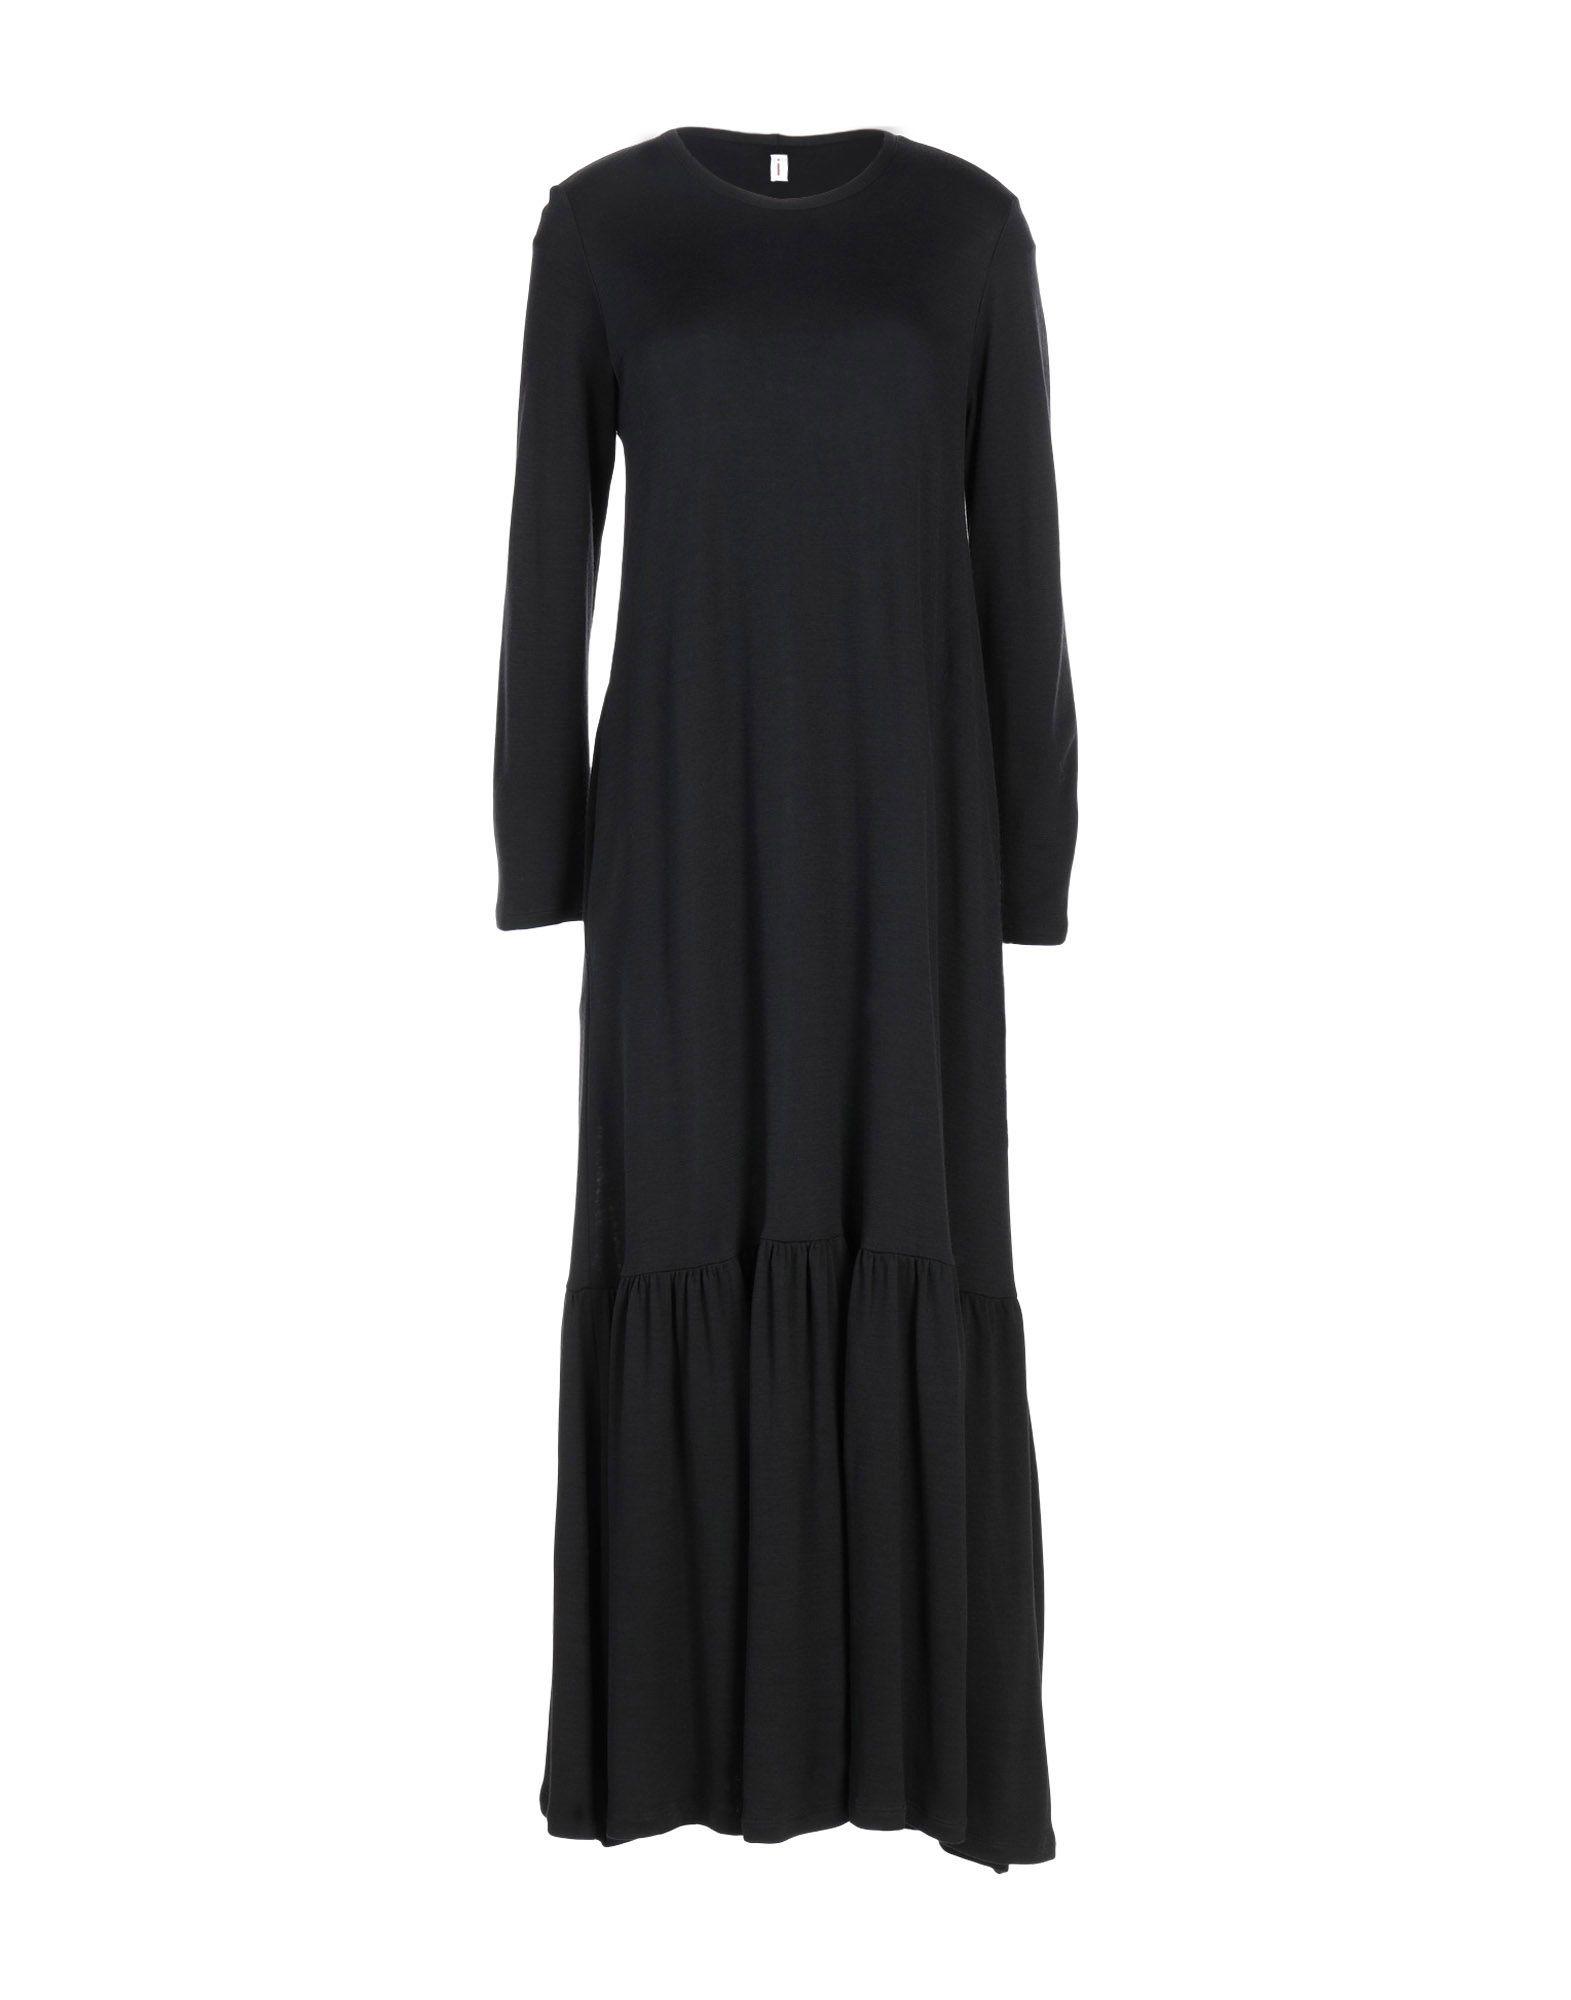 купить ISABELLA CLEMENTINI Длинное платье по цене 6600 рублей